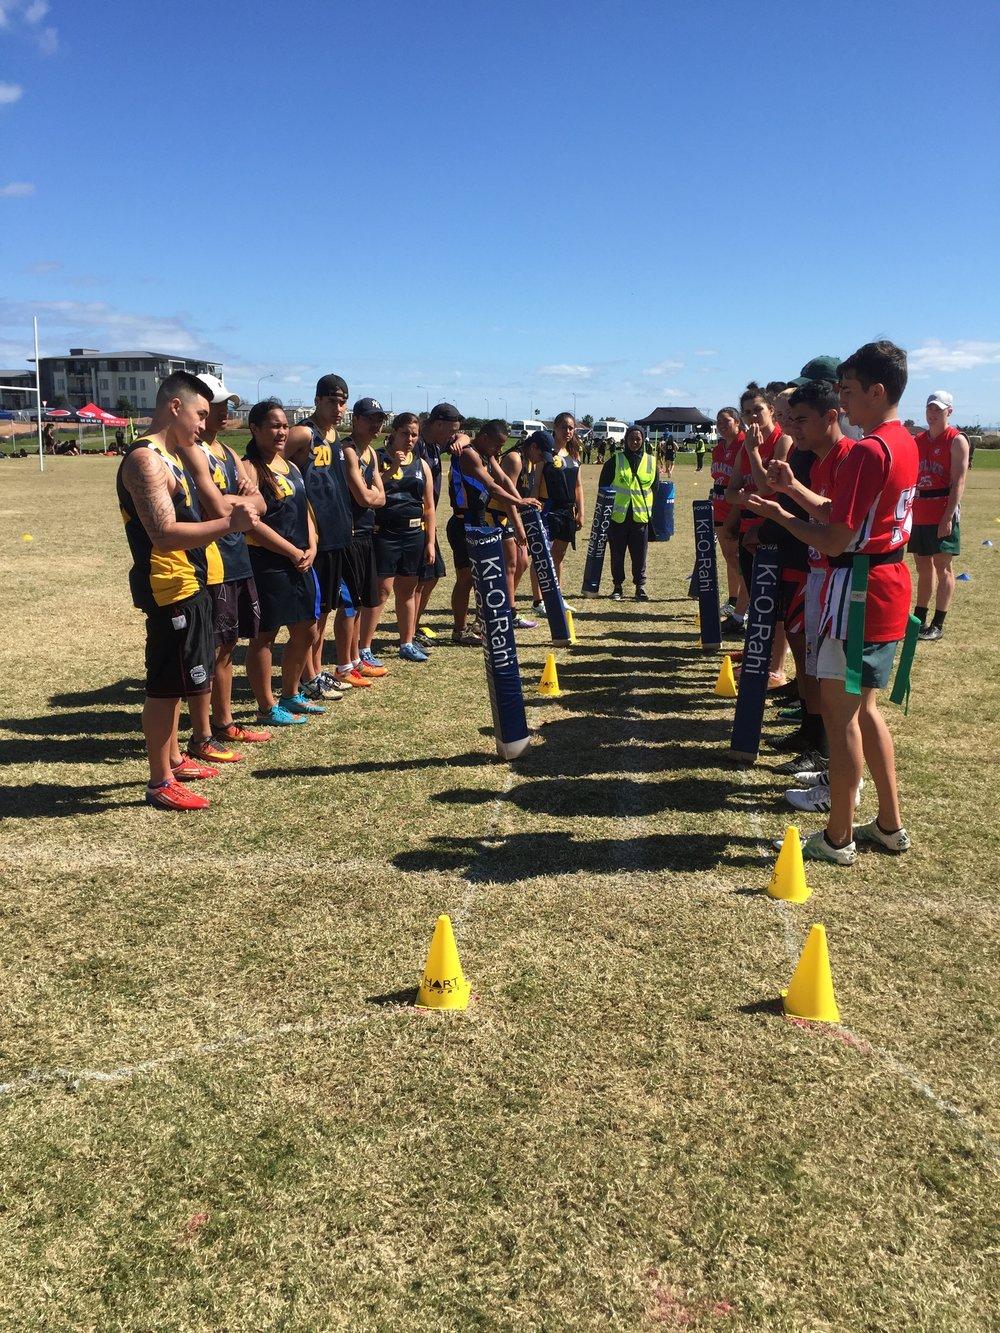 2016 Auckland Ki o Rahi Regionals - Tatu